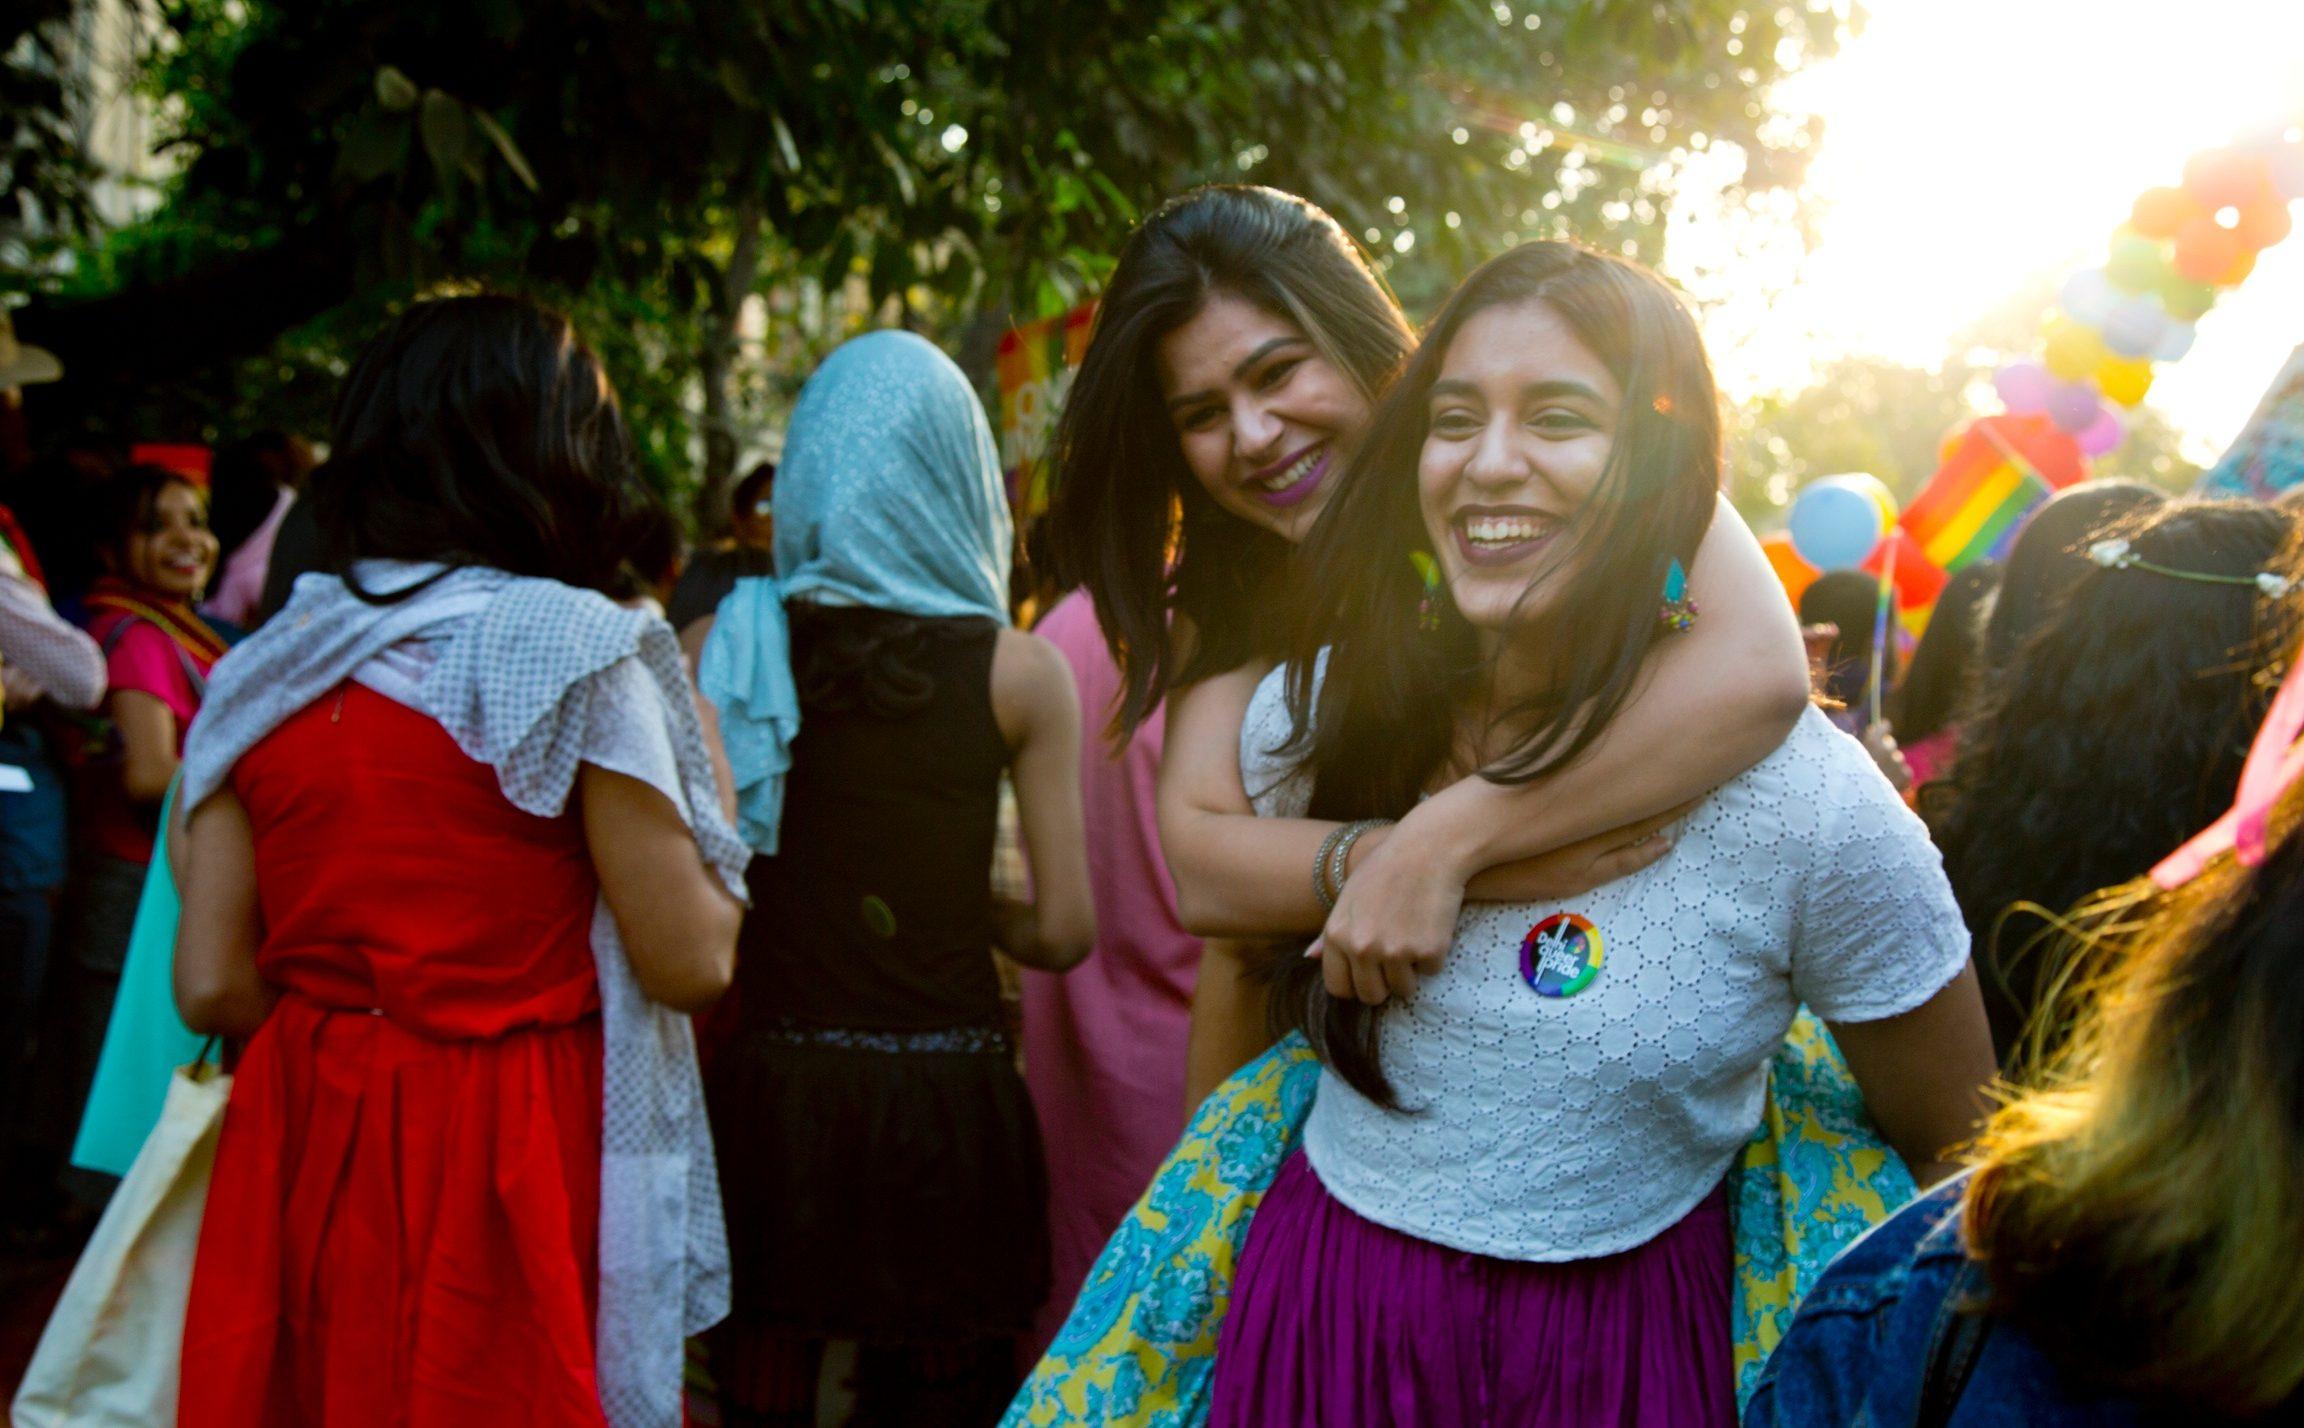 Eşcinselliğin Artık Suç Sayılmadığı Hindistan'da İlk 'Özgür' Onur Yürüyüşü Muhteşem Geçti